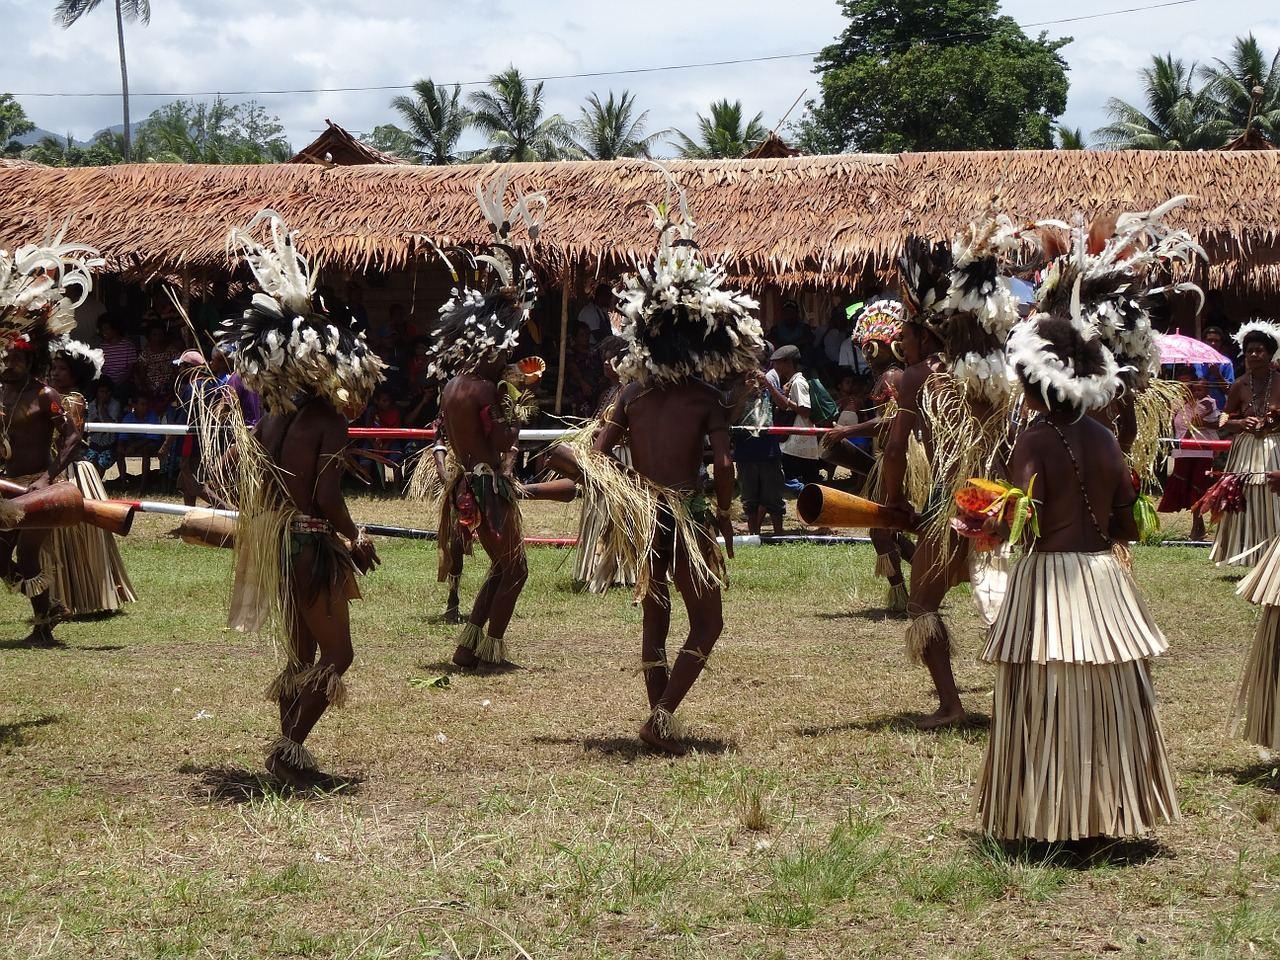 papua-new-guinea-262472_1280